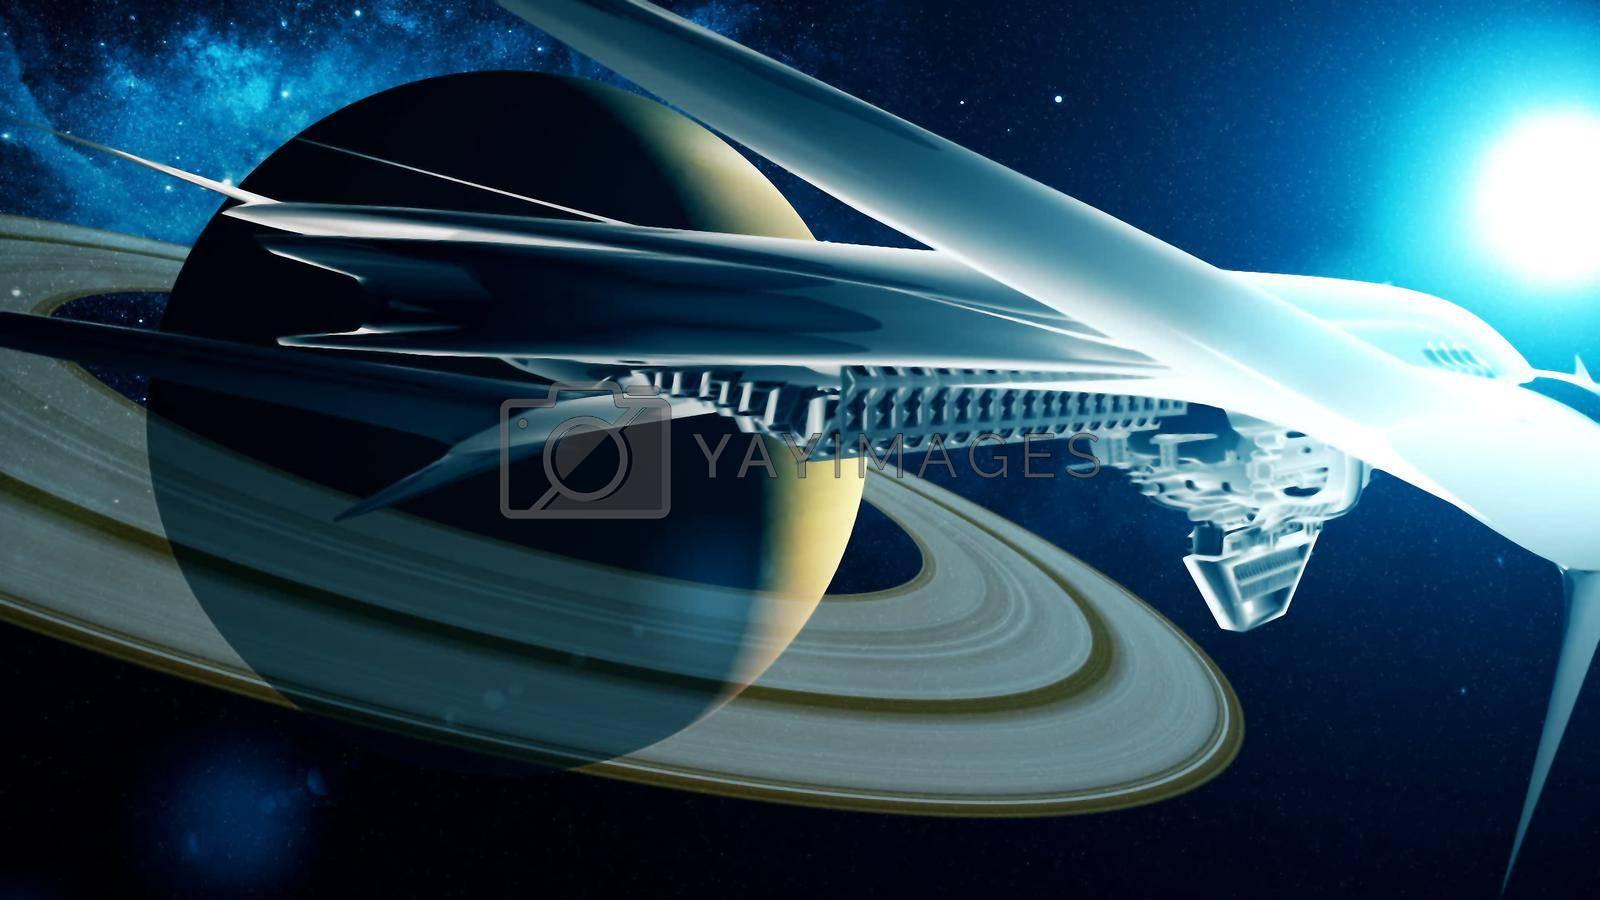 Abstract alien spacecraft flies past Saturn